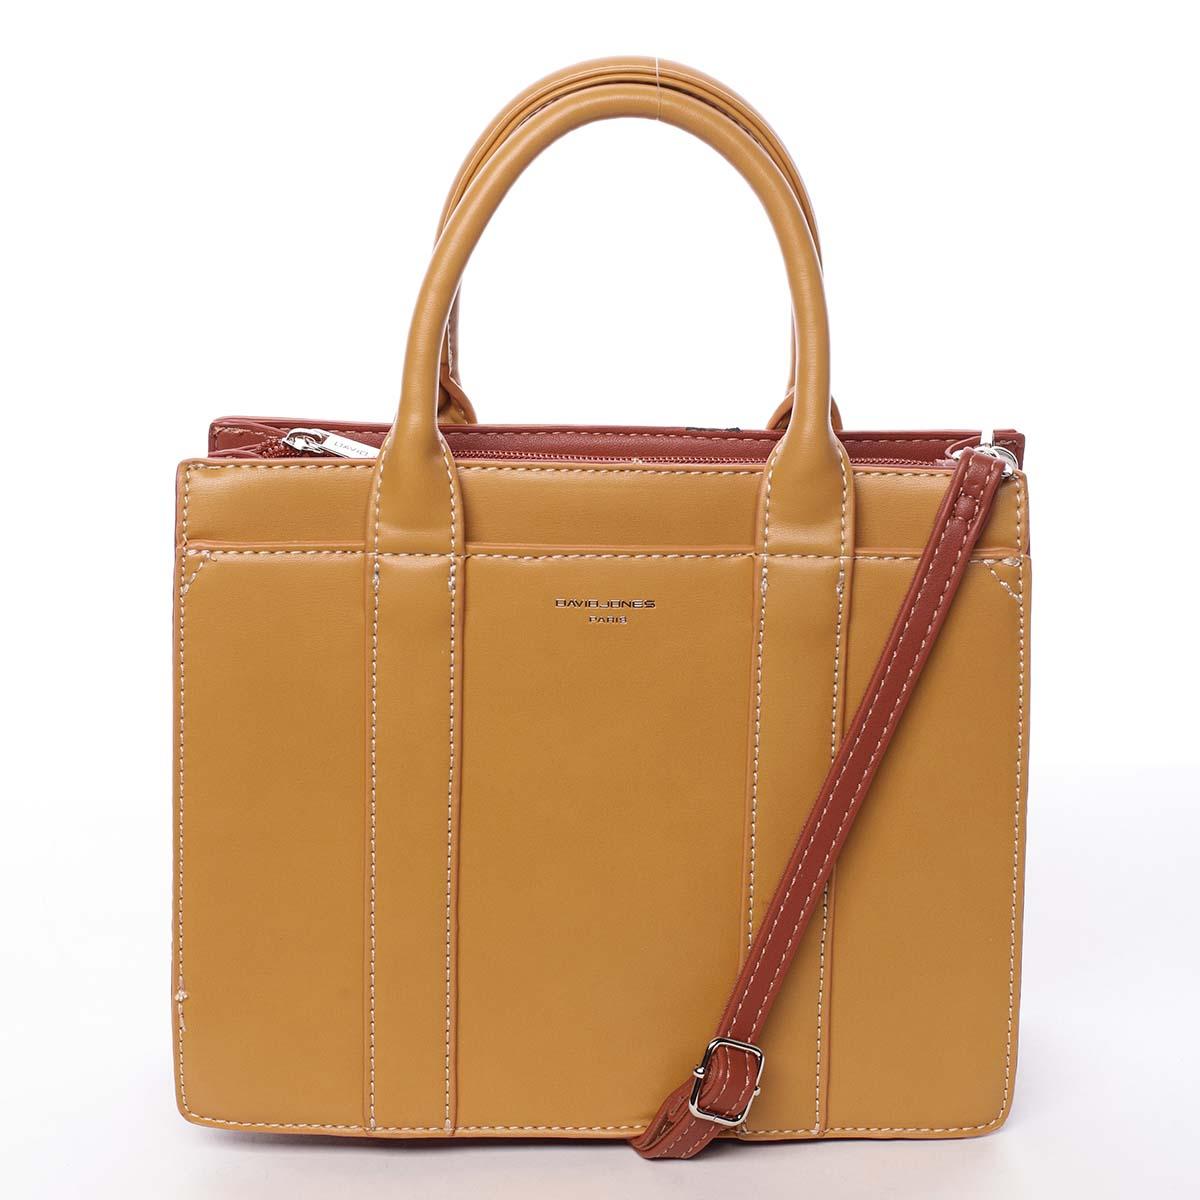 Malá dámska kabelka do ruky žltá - David Jones Akiba